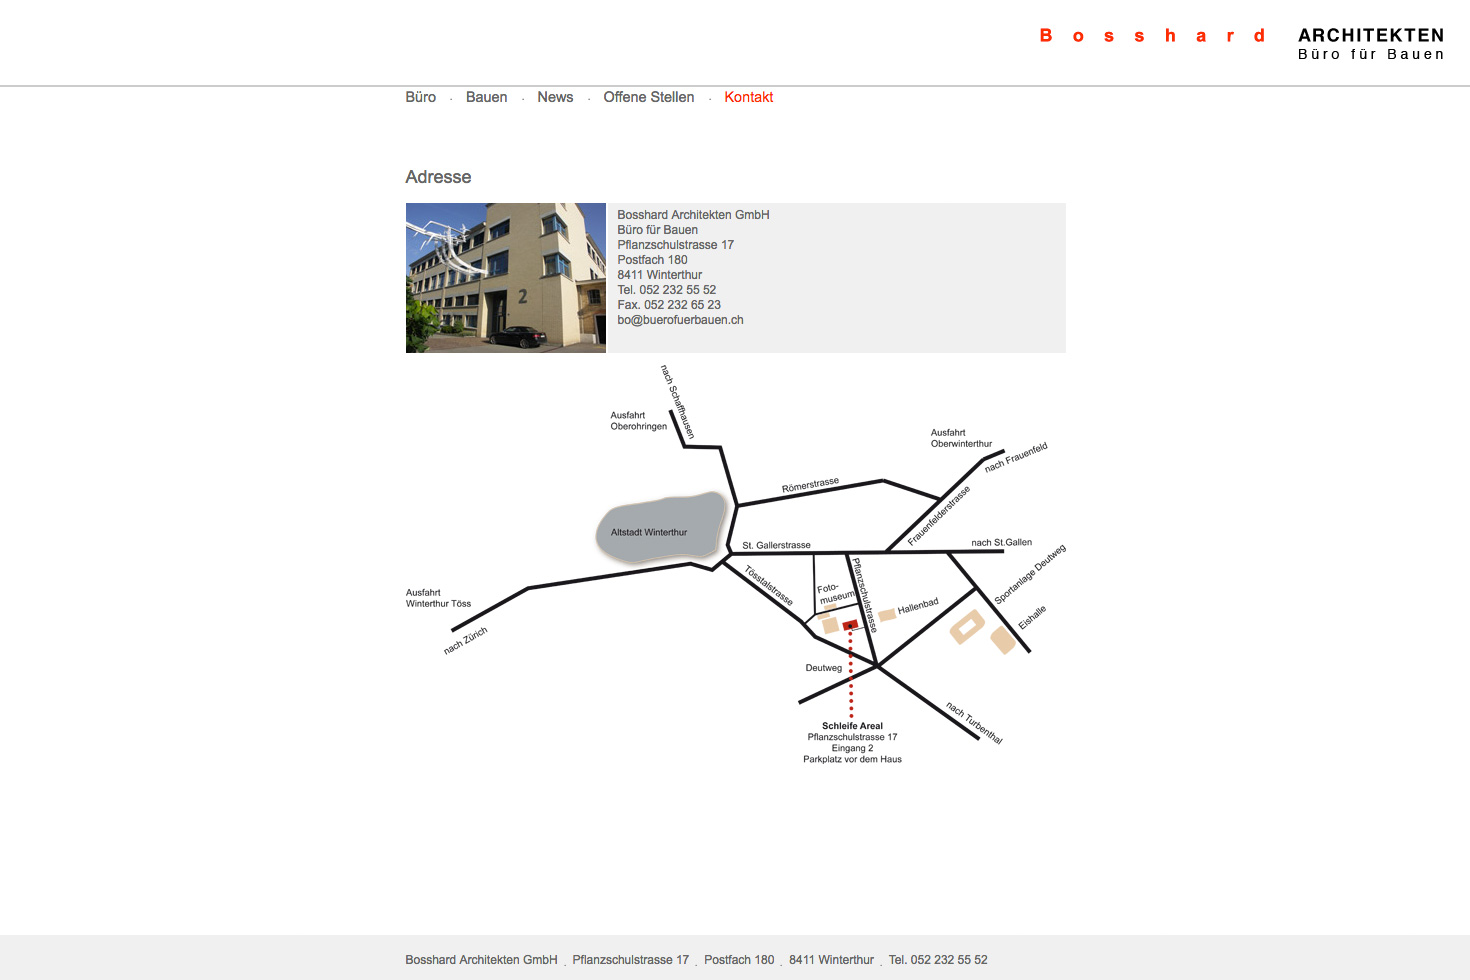 Bild 5 vom Büro für Bauen Webseite